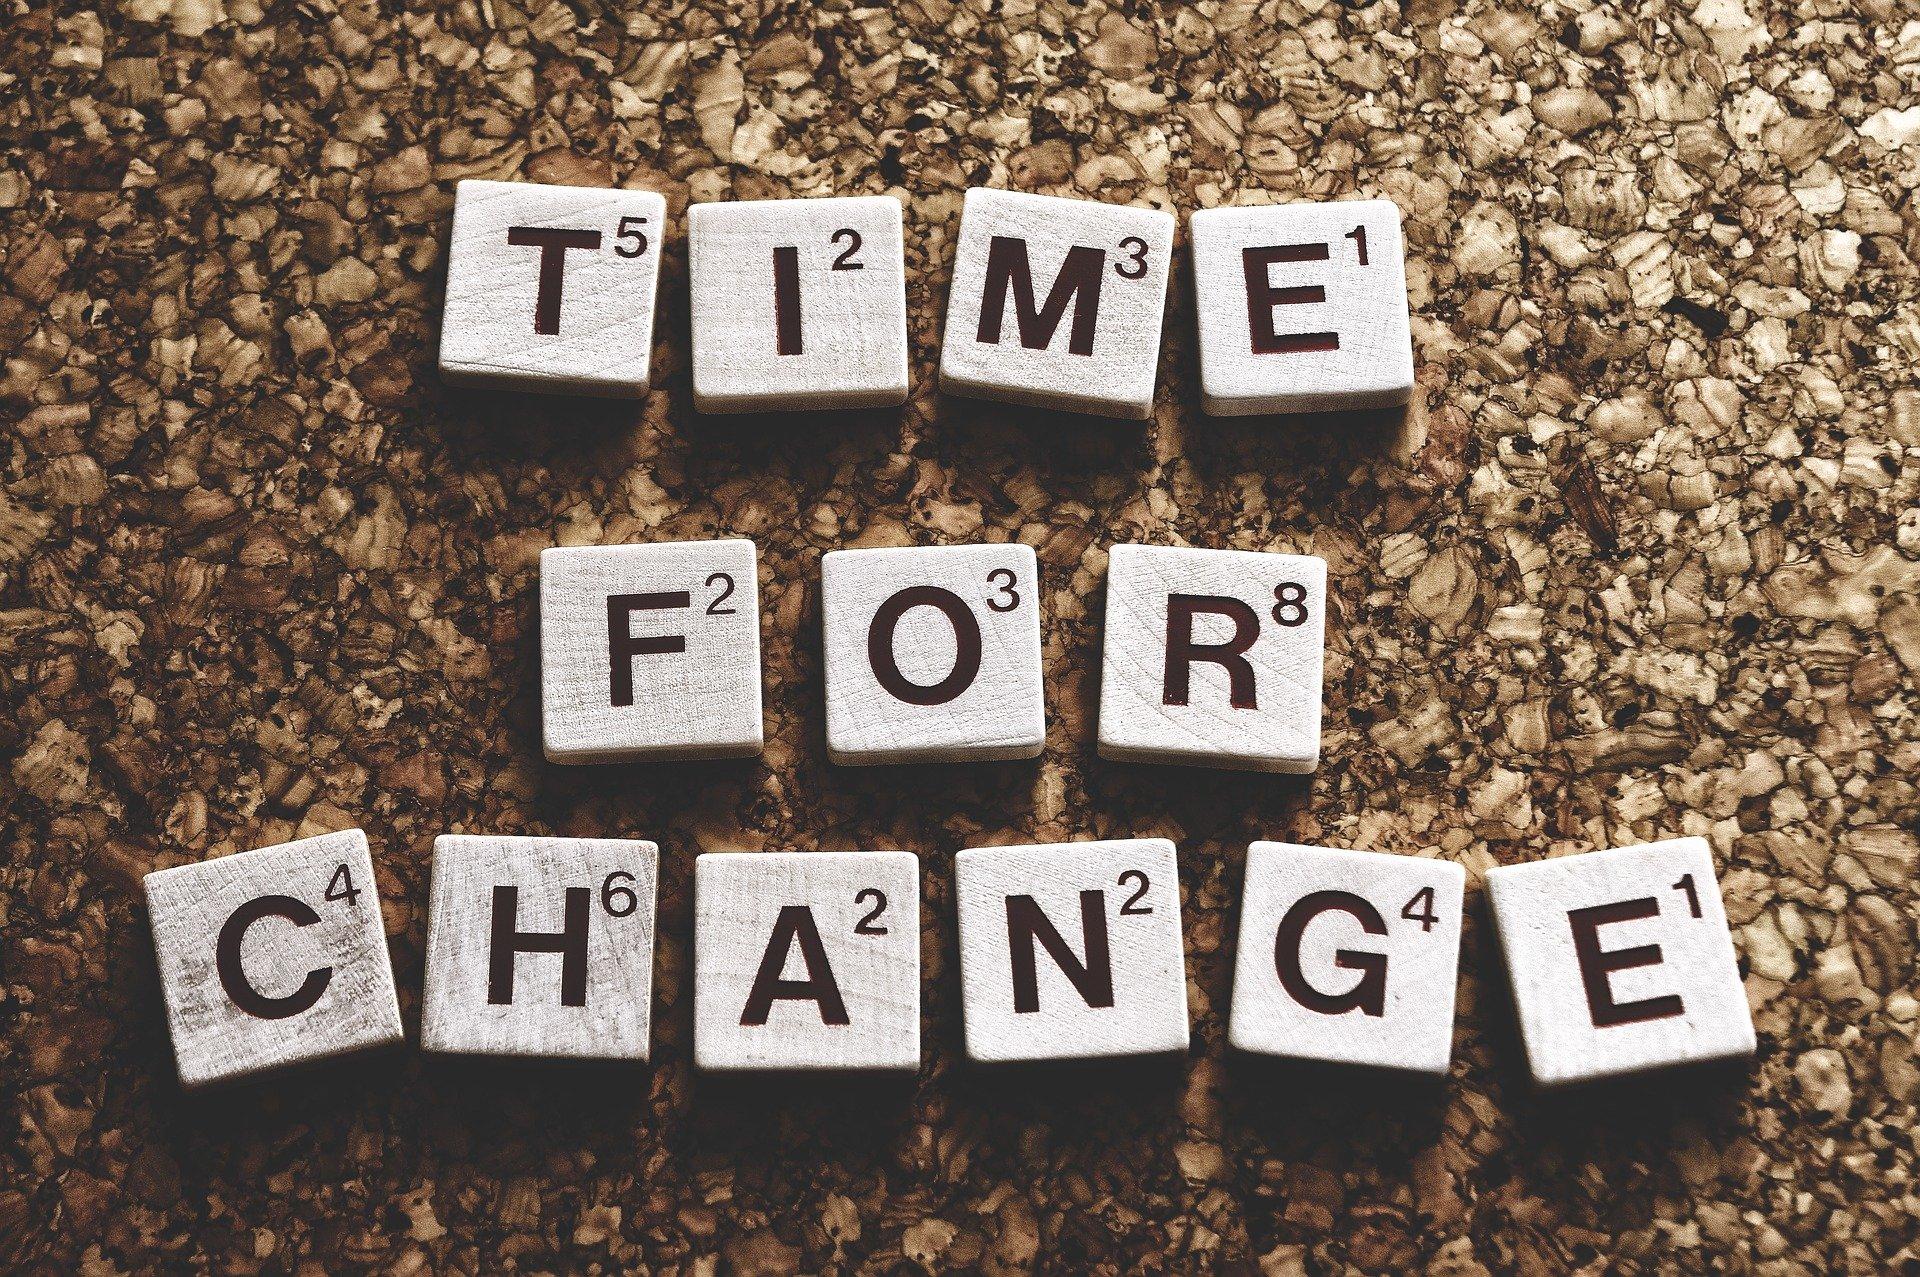 Gestire il cambiamento – di cosa ha bisogno il tuo bambino